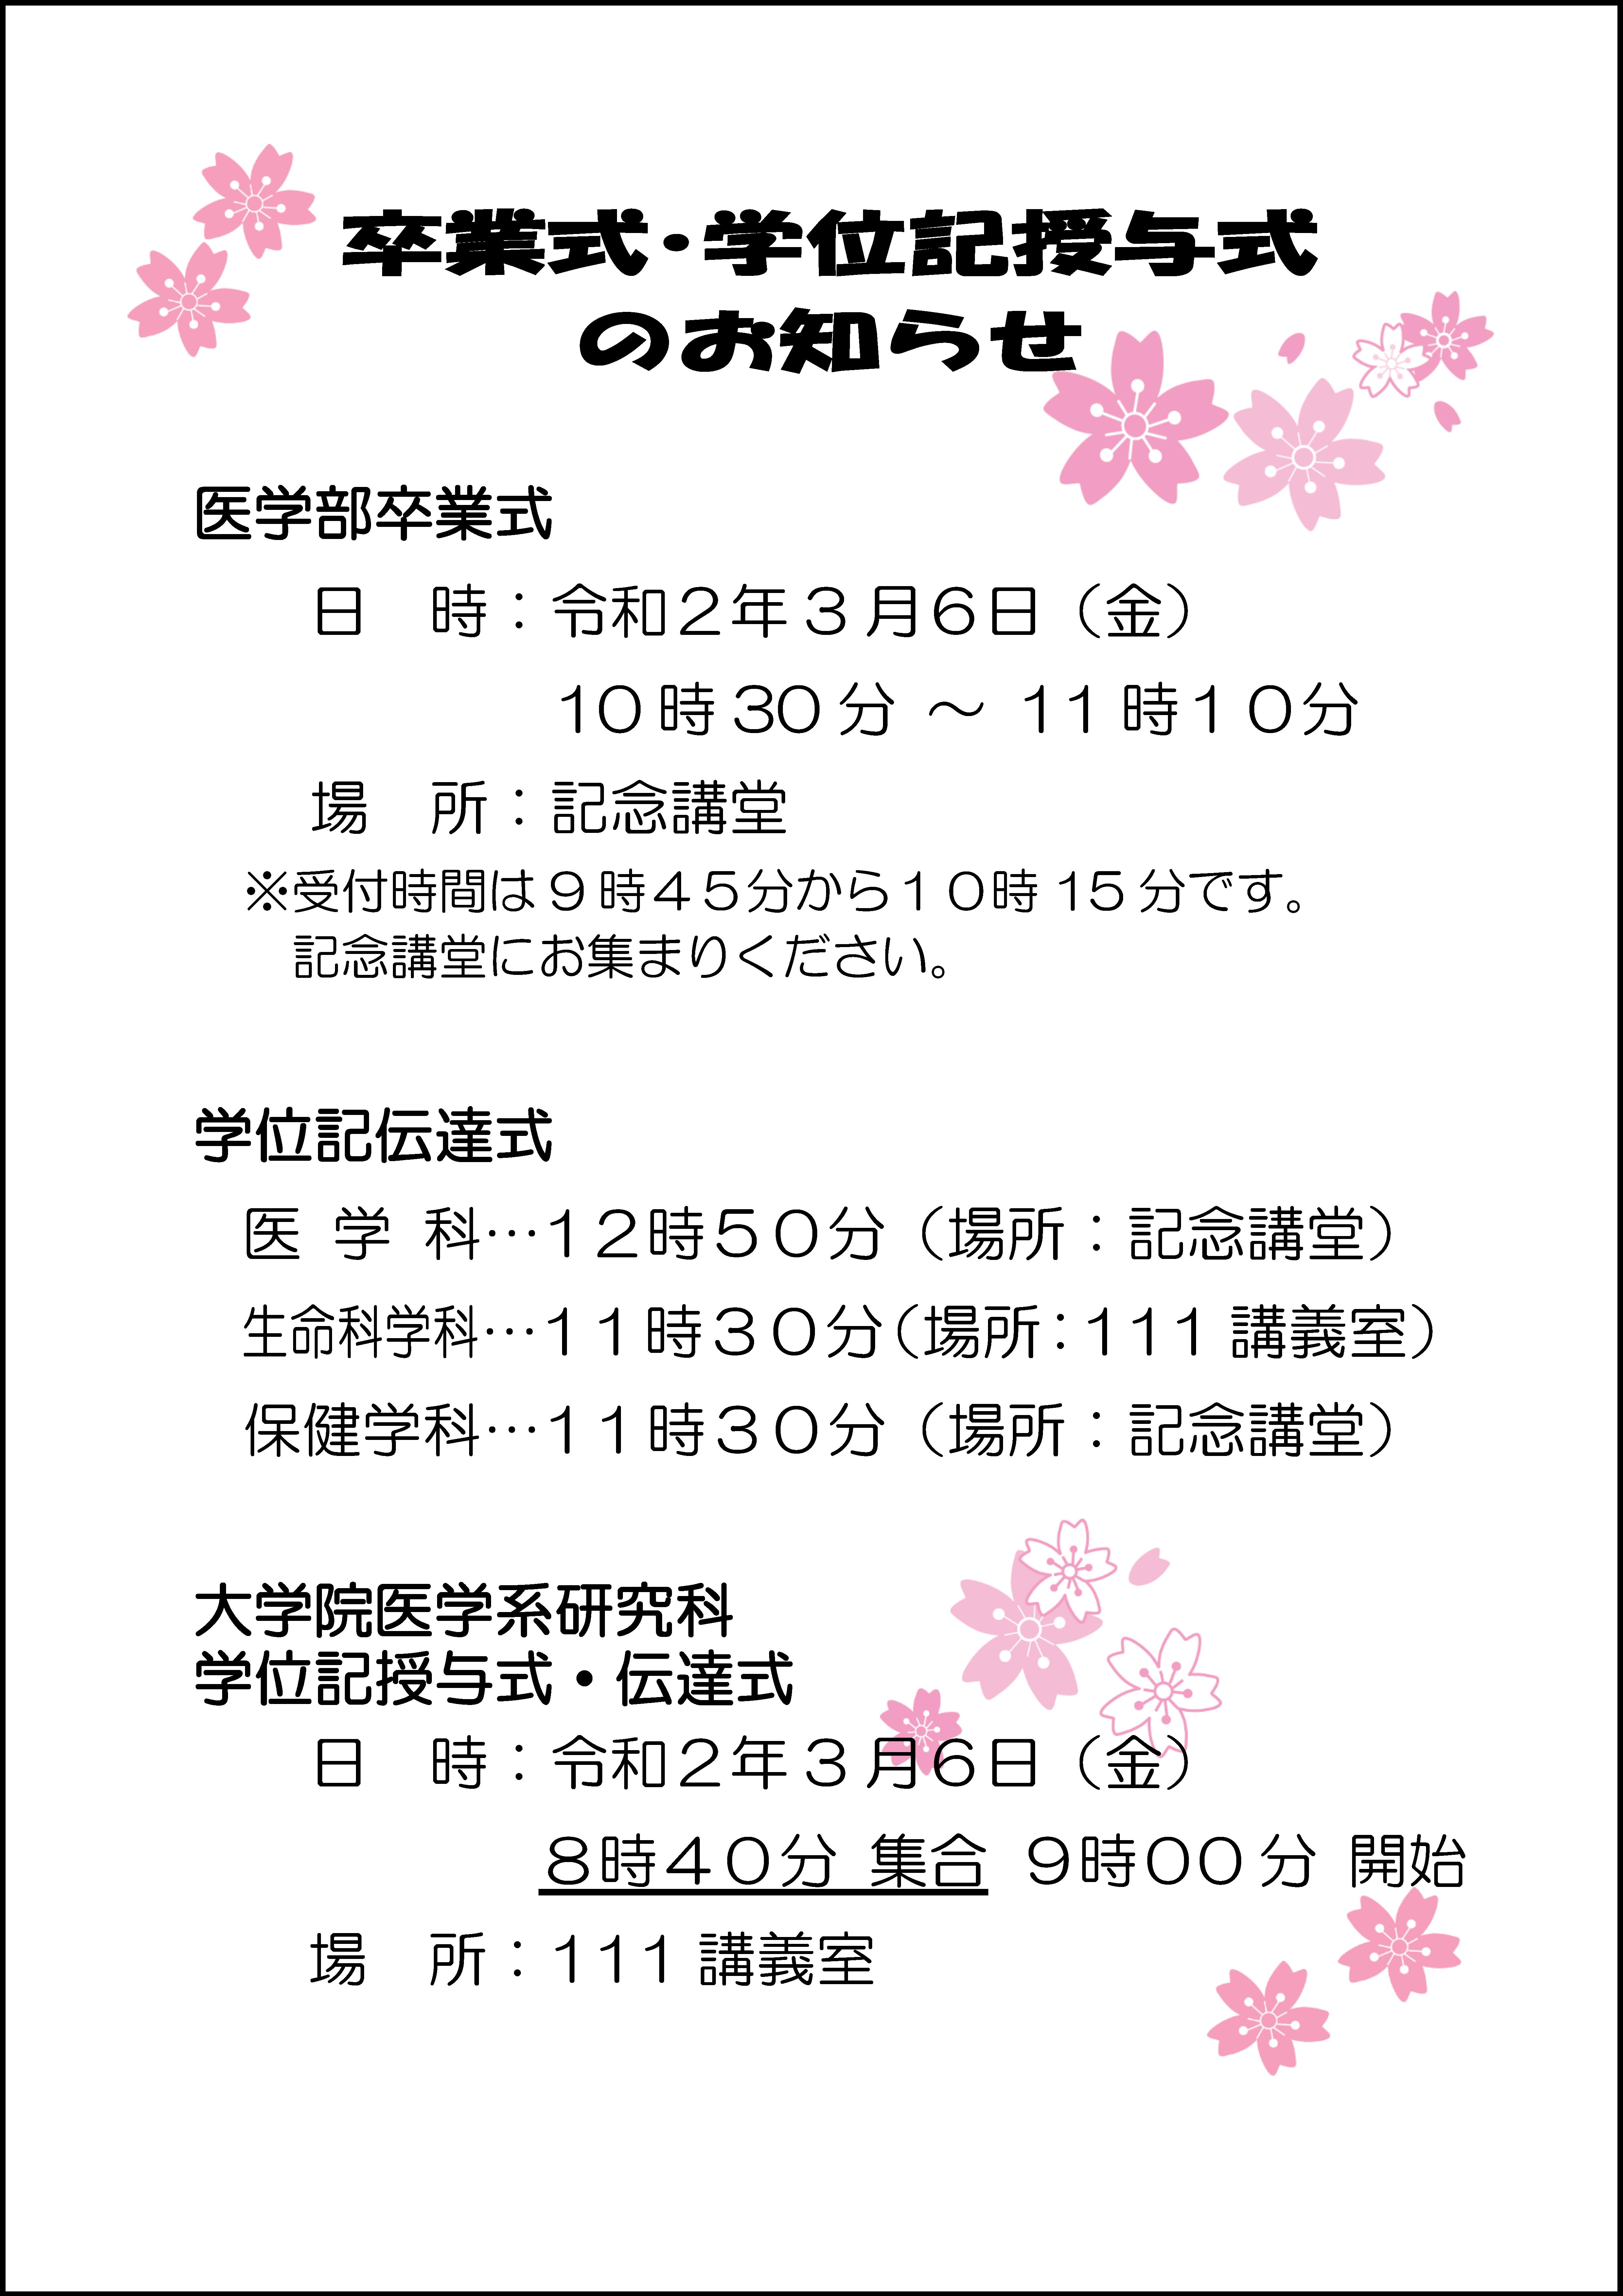 020204_(新着情報)卒業式・学位記授与式のお知らせ01